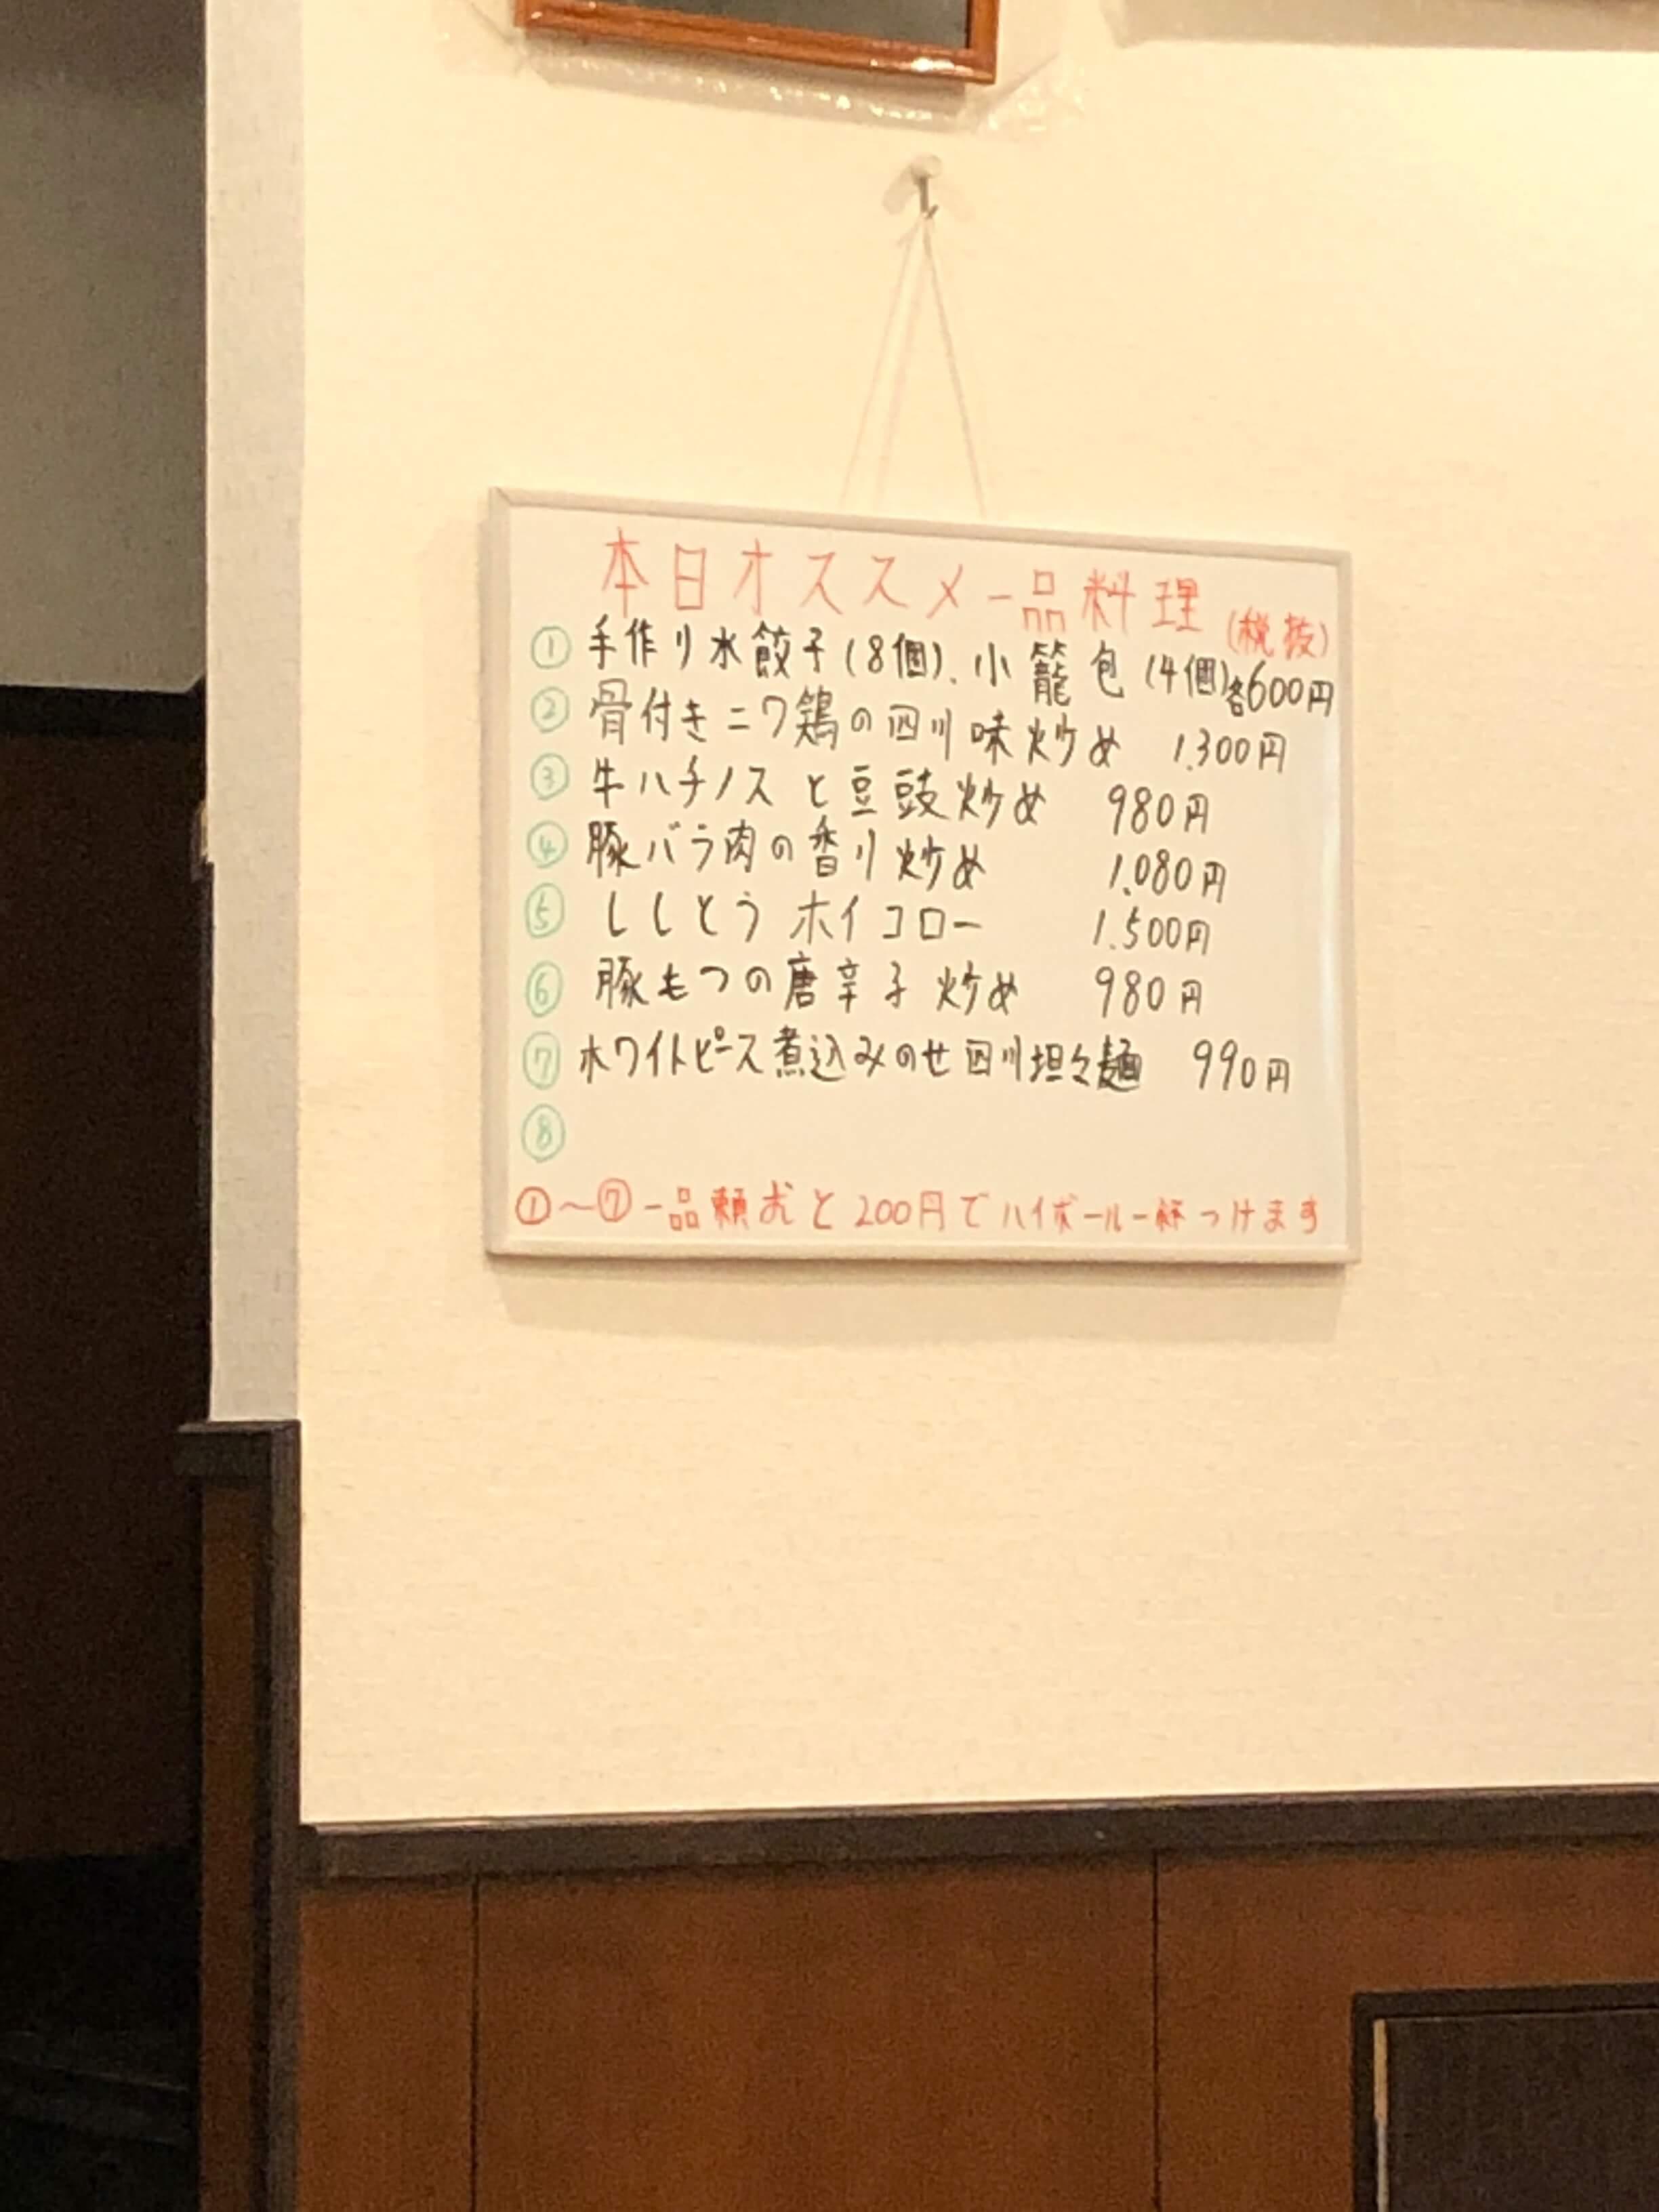 徳記 2020.10.08